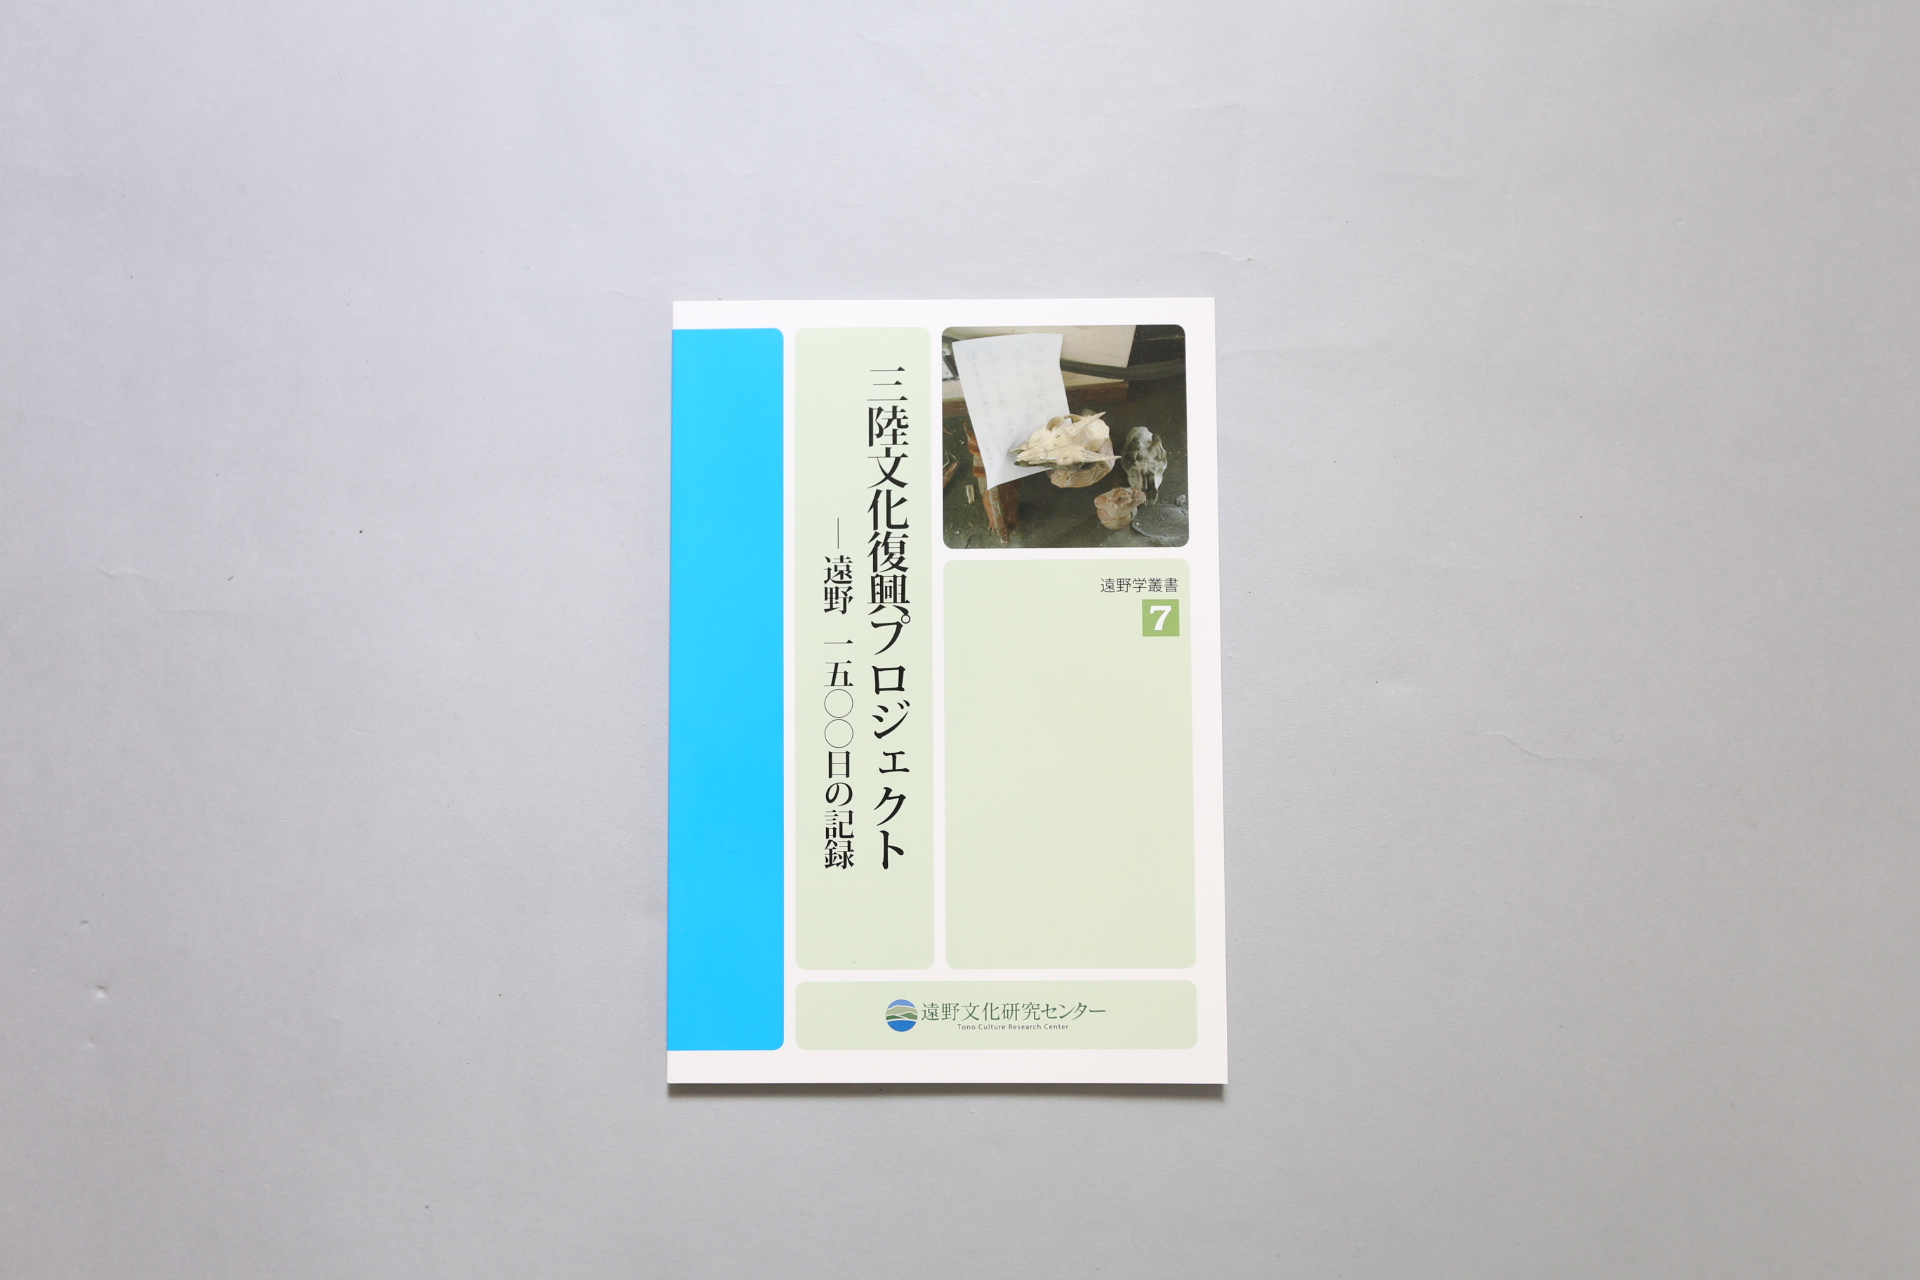 遠野学叢書第7巻 『三陸文化復興プロジェクト—遠野 1500日の記録』